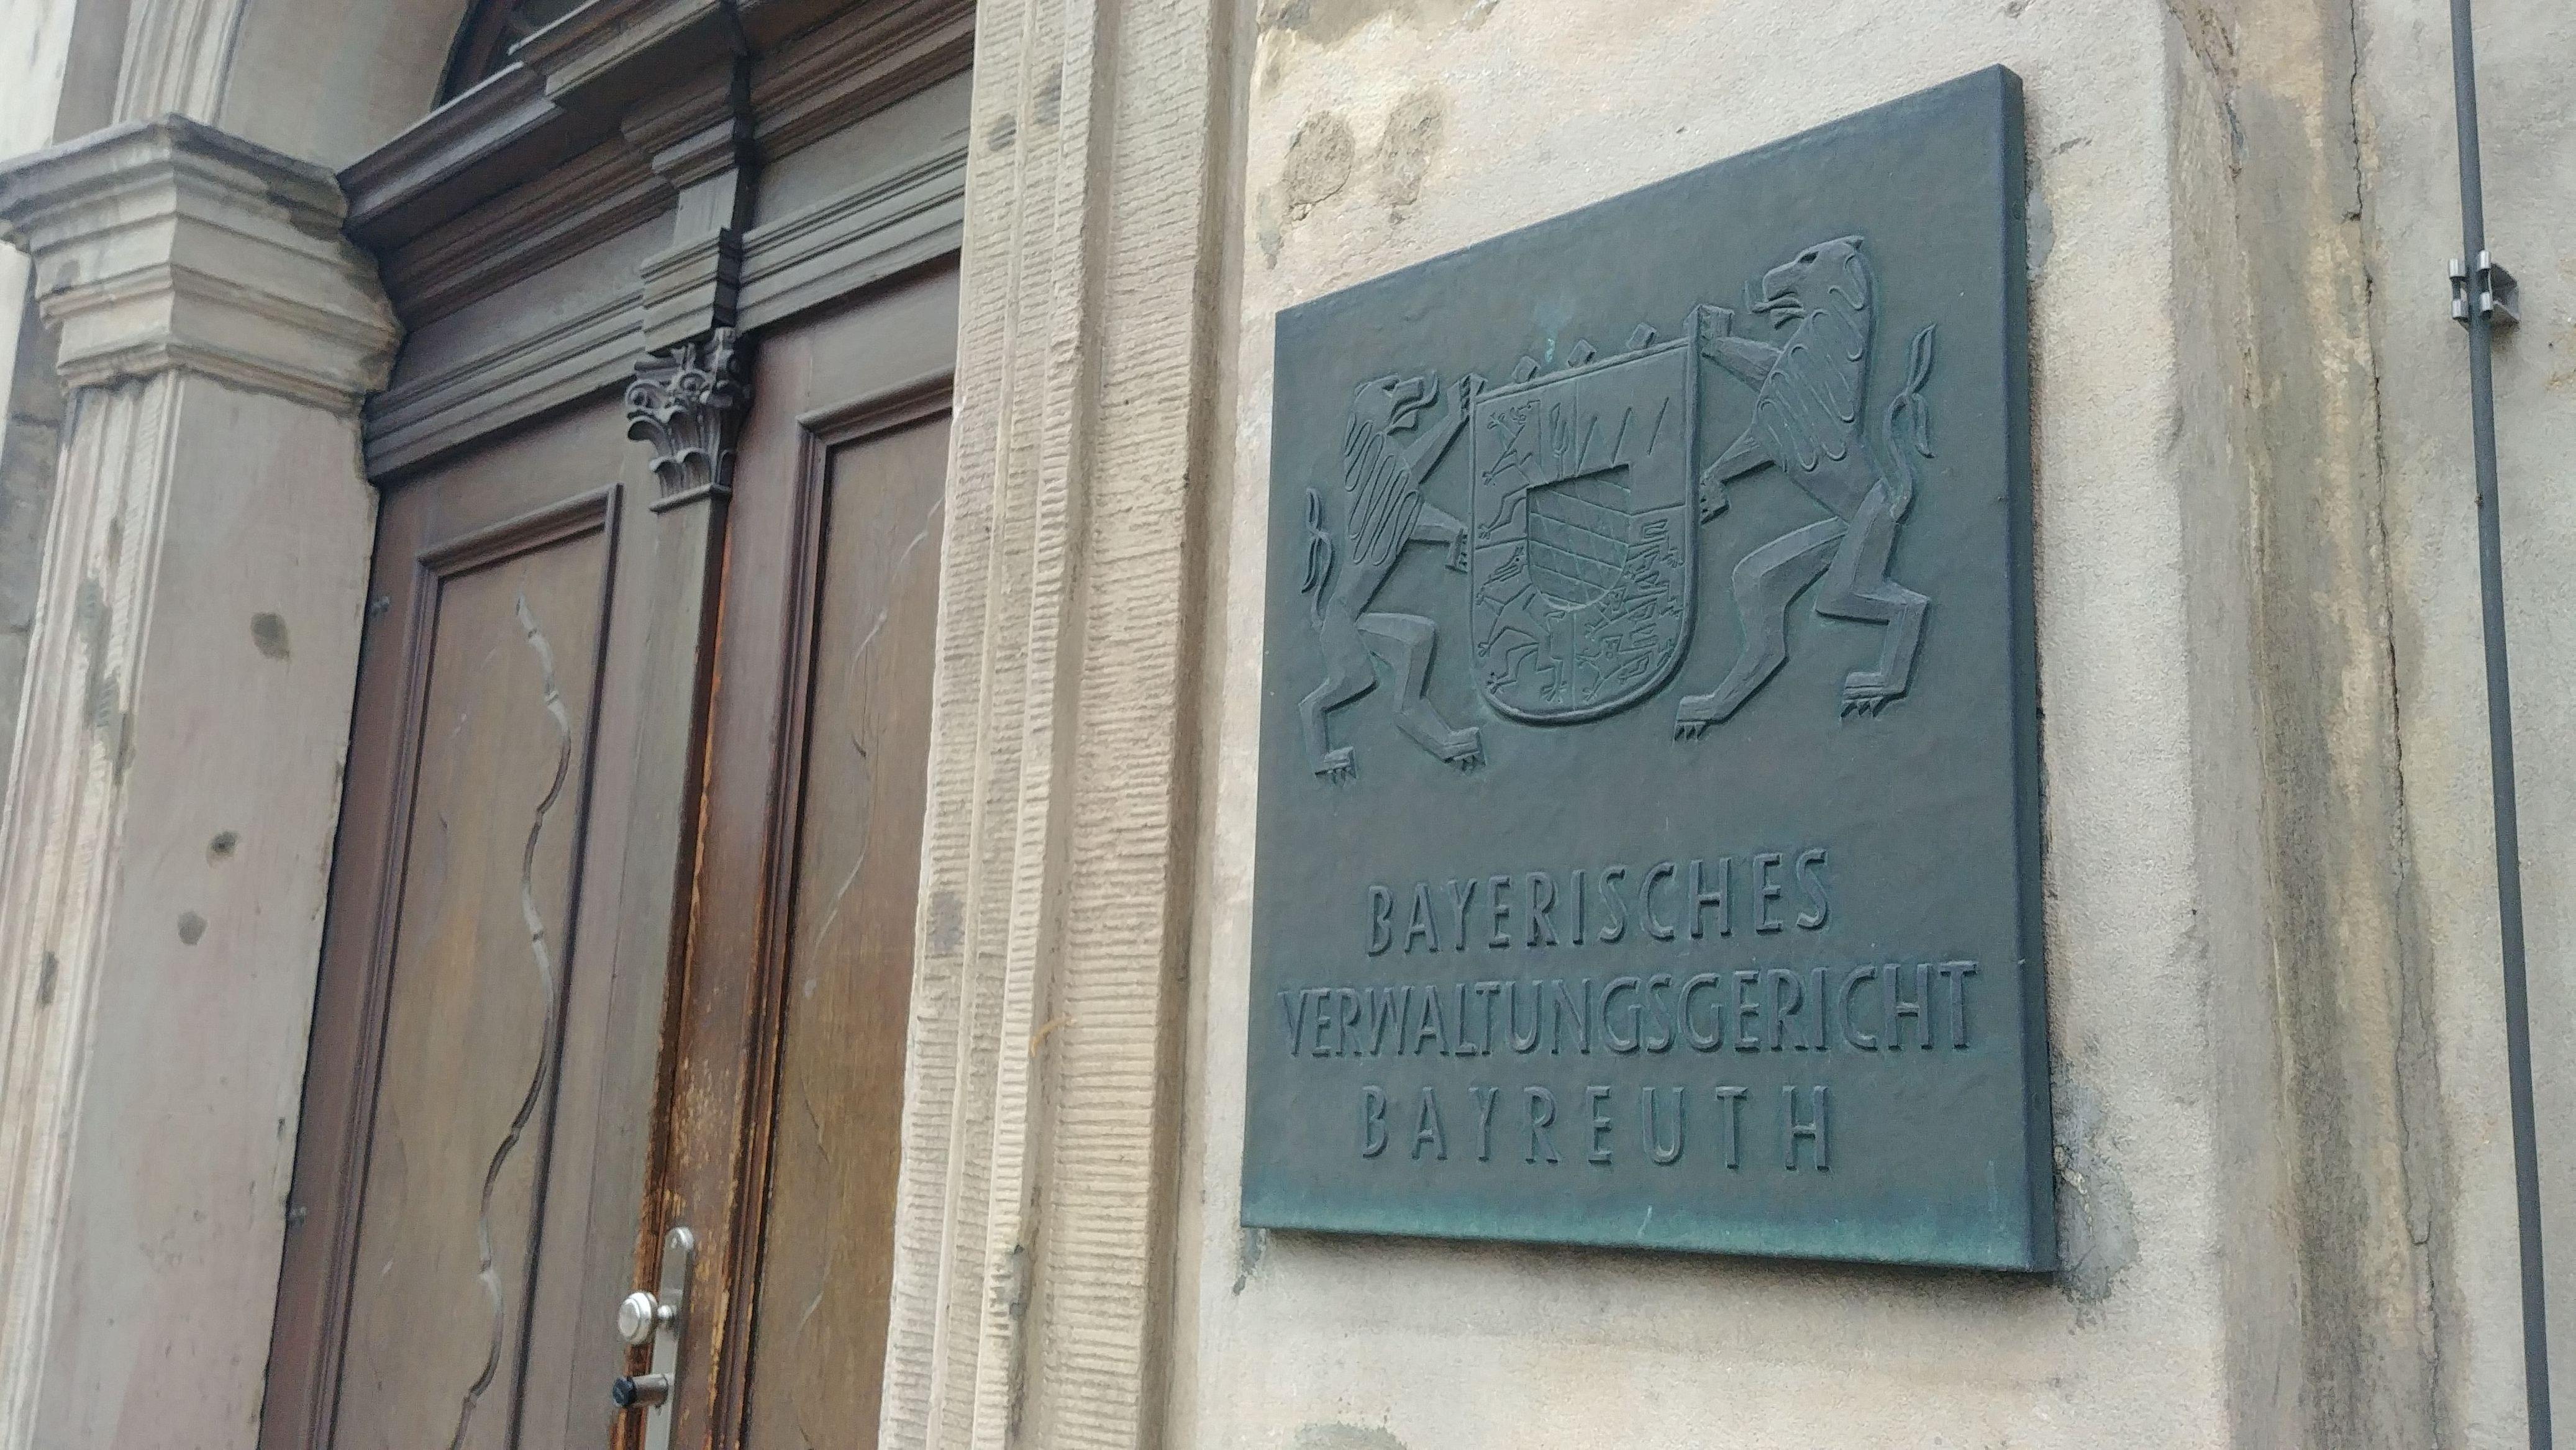 """Neben der Eingangstür befindet sich eine Tafel mit der Aufschrift """"Verwaltungsgericht Bayreuth""""."""